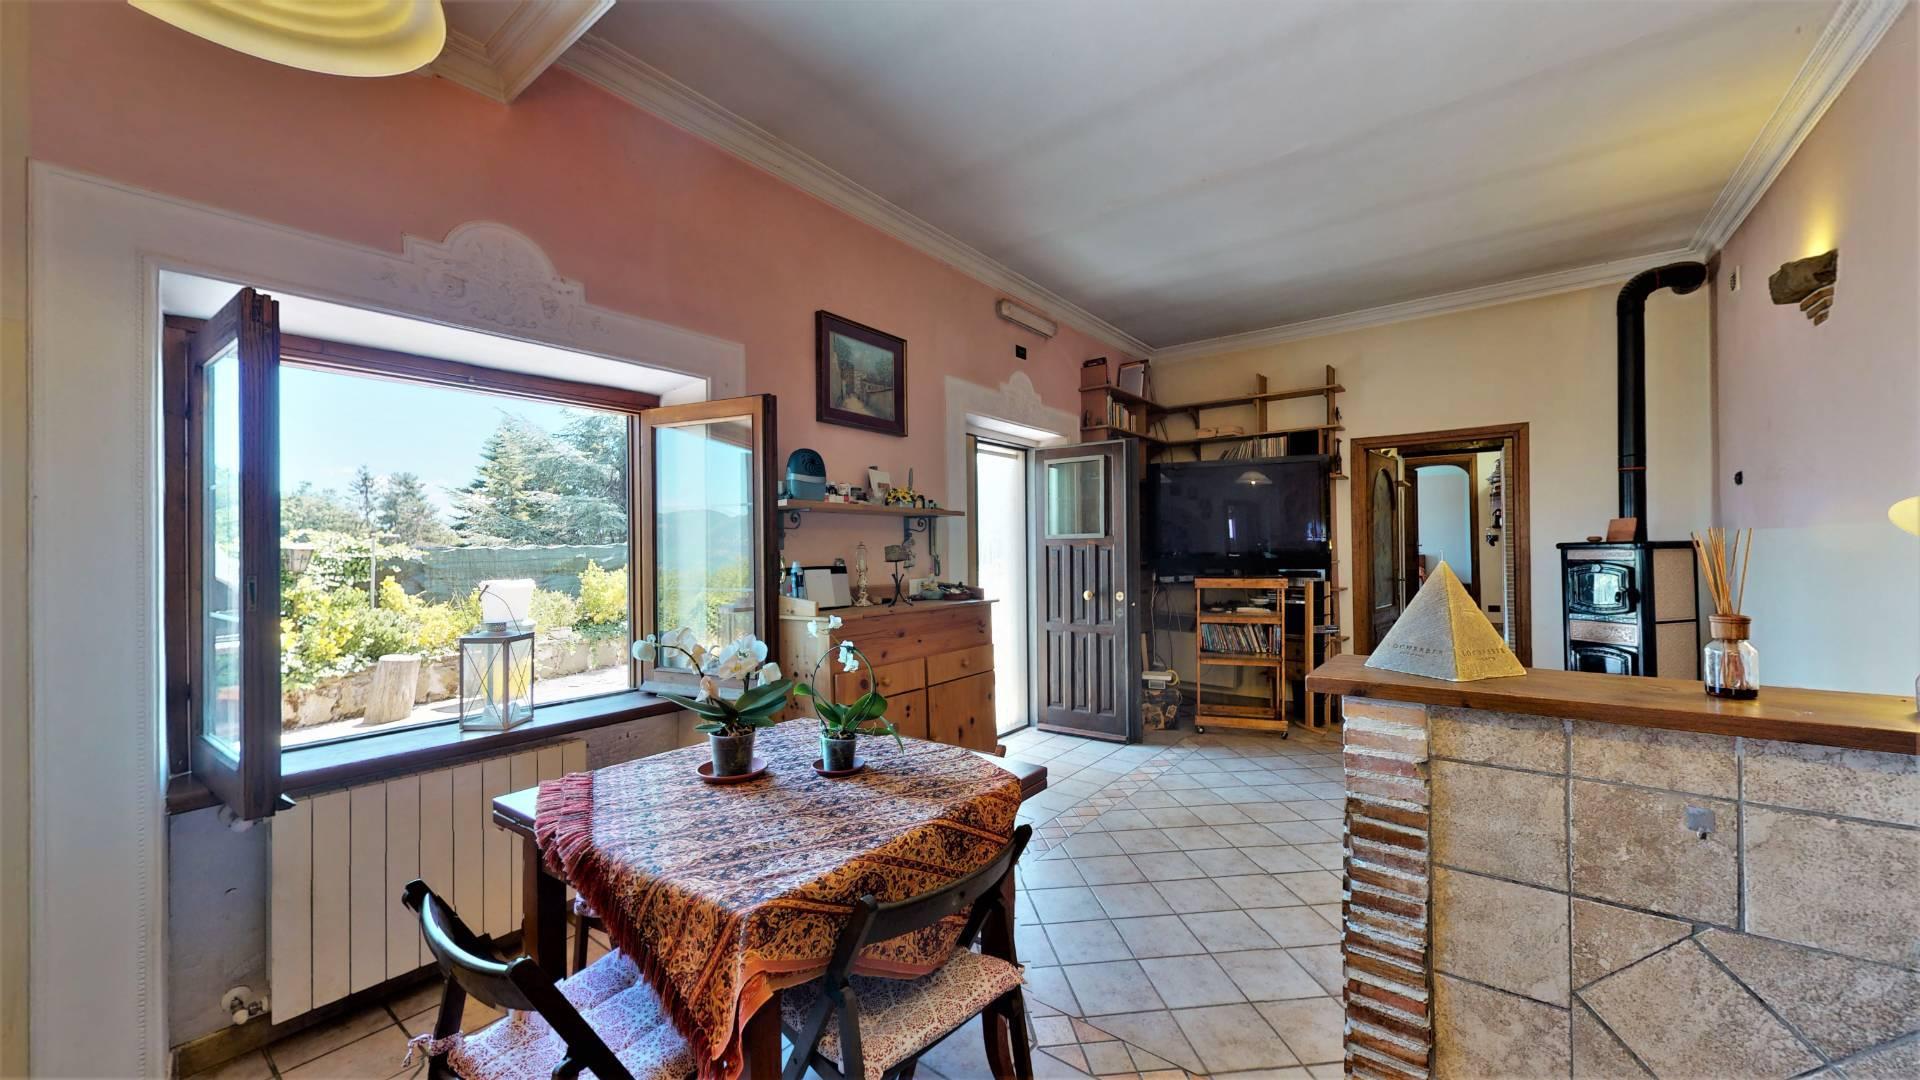 Villa a Schiera in vendita a San Vito Romano, 3 locali, prezzo € 159.000 | CambioCasa.it